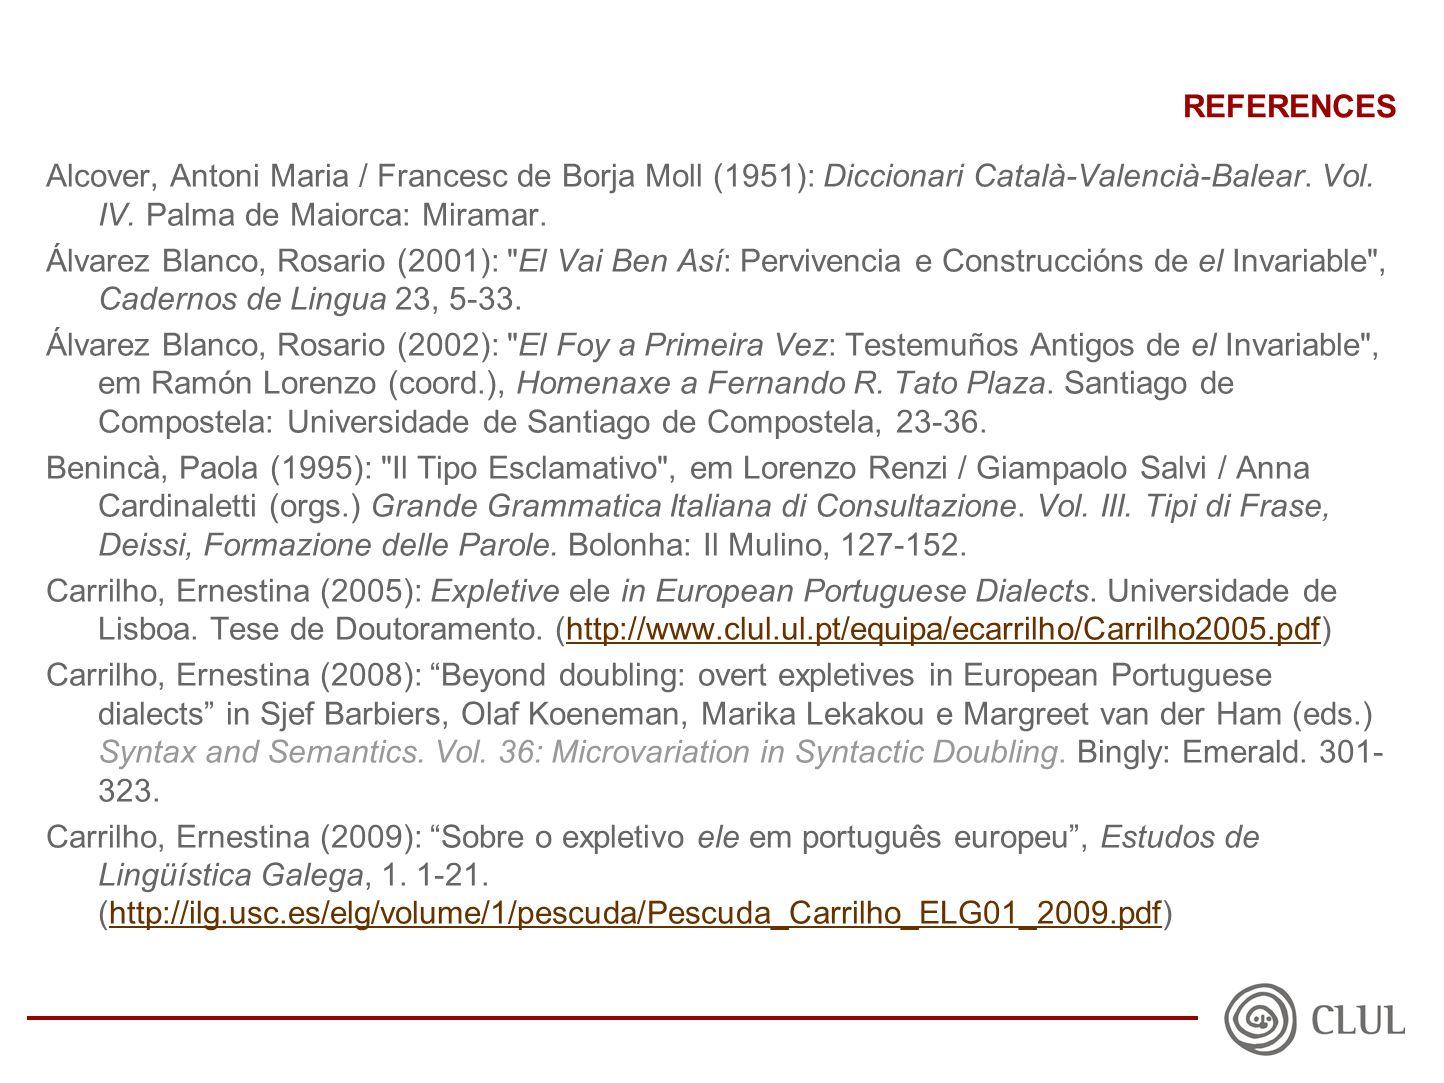 REFERENCES Alcover, Antoni Maria / Francesc de Borja Moll (1951): Diccionari Català-Valencià-Balear.